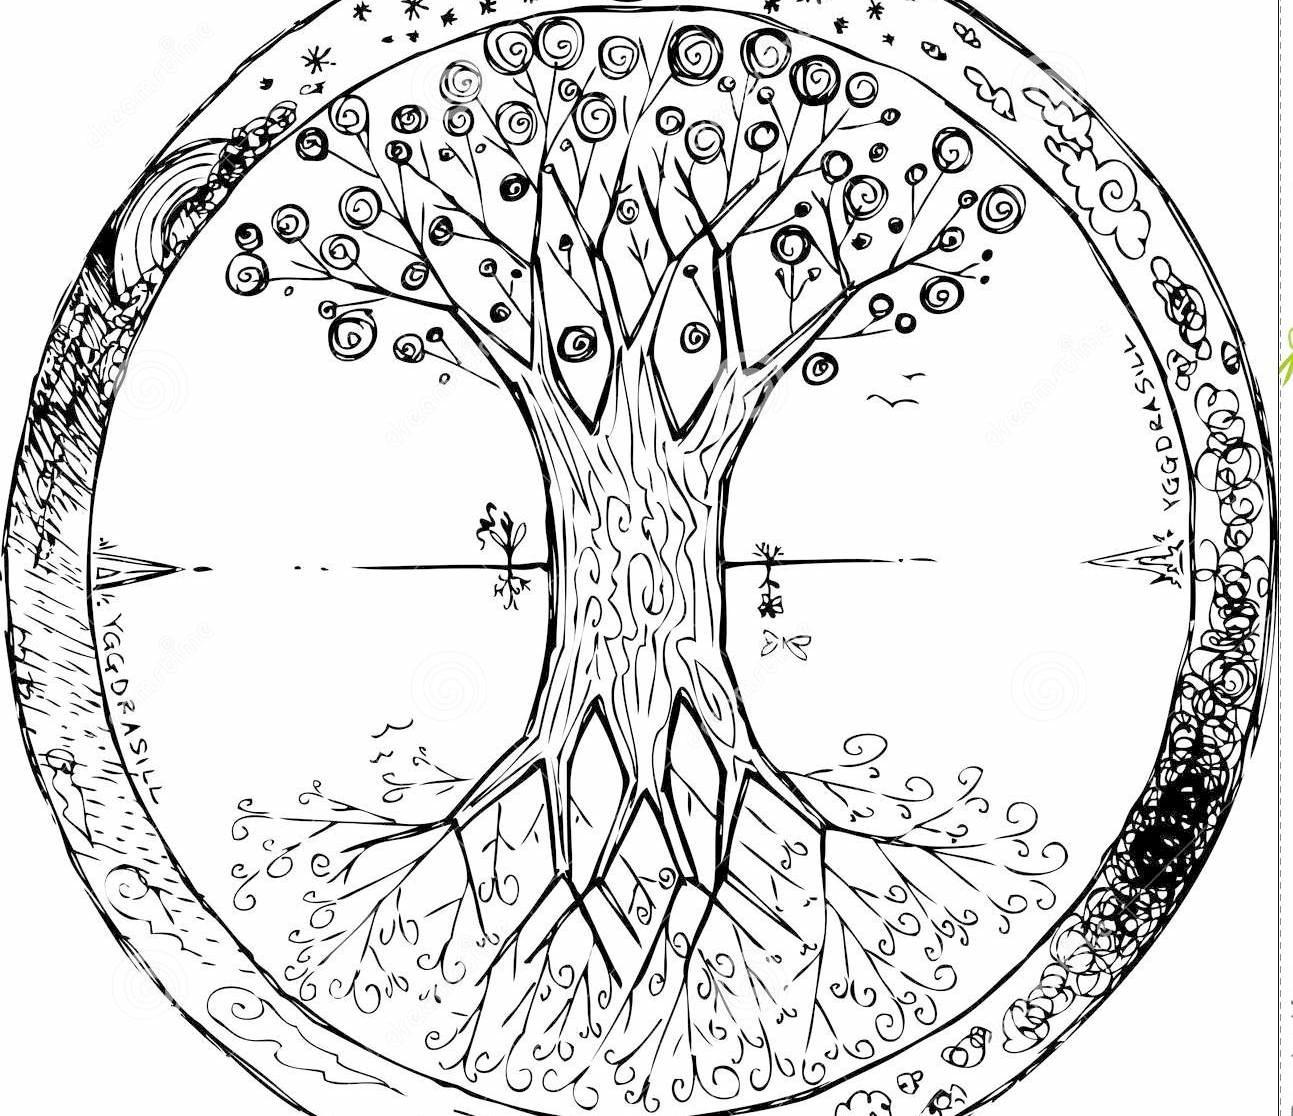 Философский практикум «Как познавать себя. Взгляд через символизм» – события на сайте «Московские Сезоны»